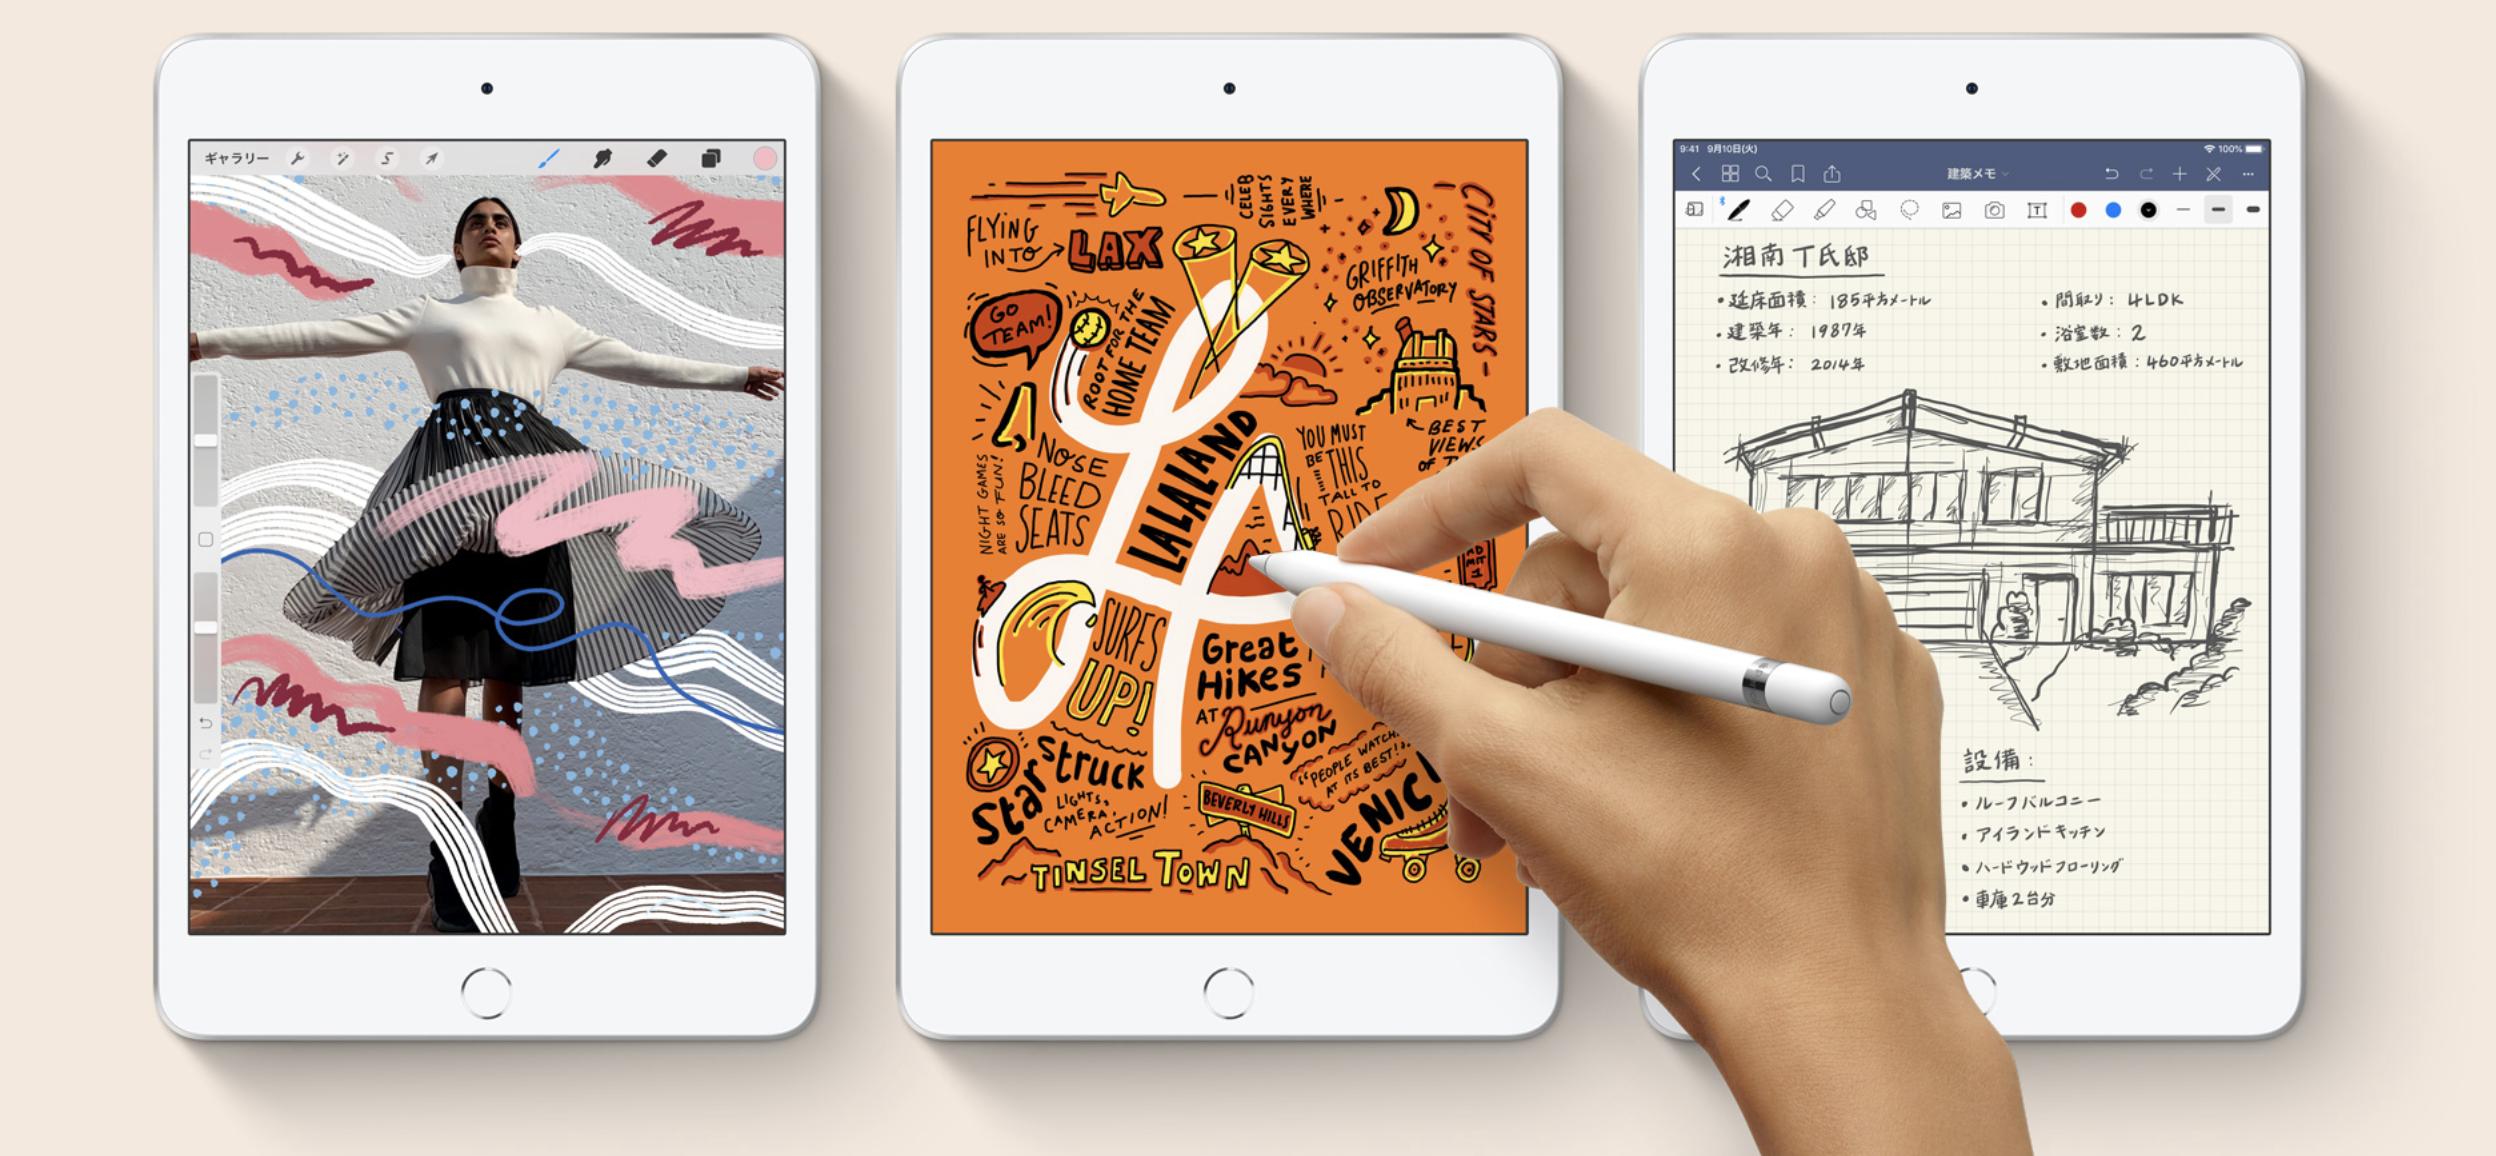 人気のAirよりも3月発売の新型iPad miniが「買い」